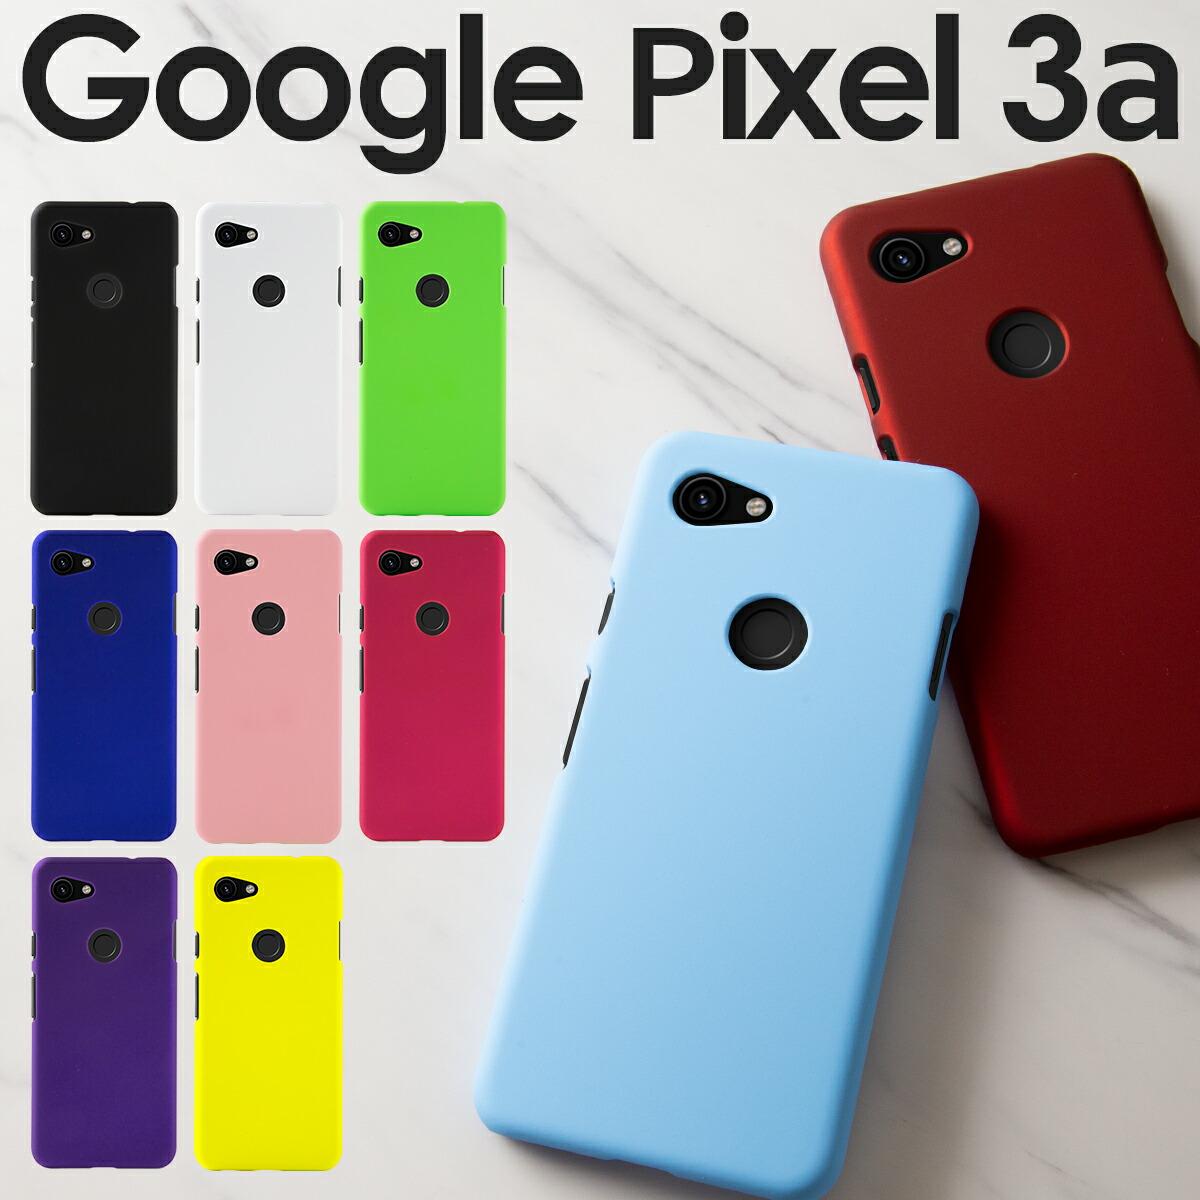 メール便送料無料 Pixel 3a カラフルカラーハードケース スマホケース 韓国 Google グーグル ポリカーボネート 開店祝い カラー シンプル おすすめ ケース 2020 カバー スマホ 人気 ハードケース かわいい 送料無料 携帯